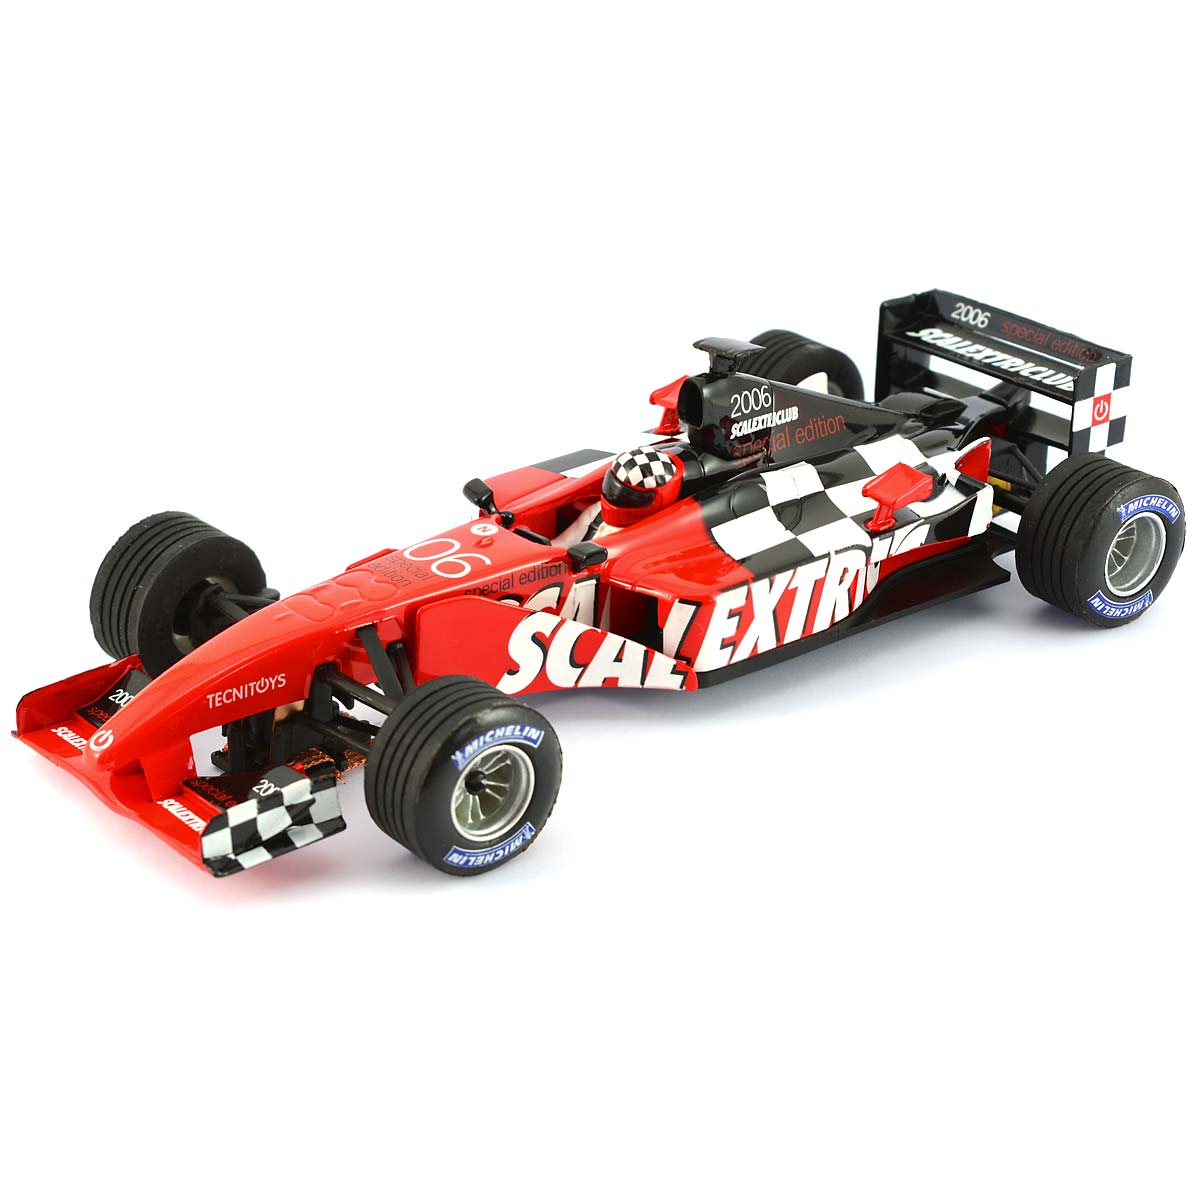 SCX F1 2006 Special Edition (SCX-6195